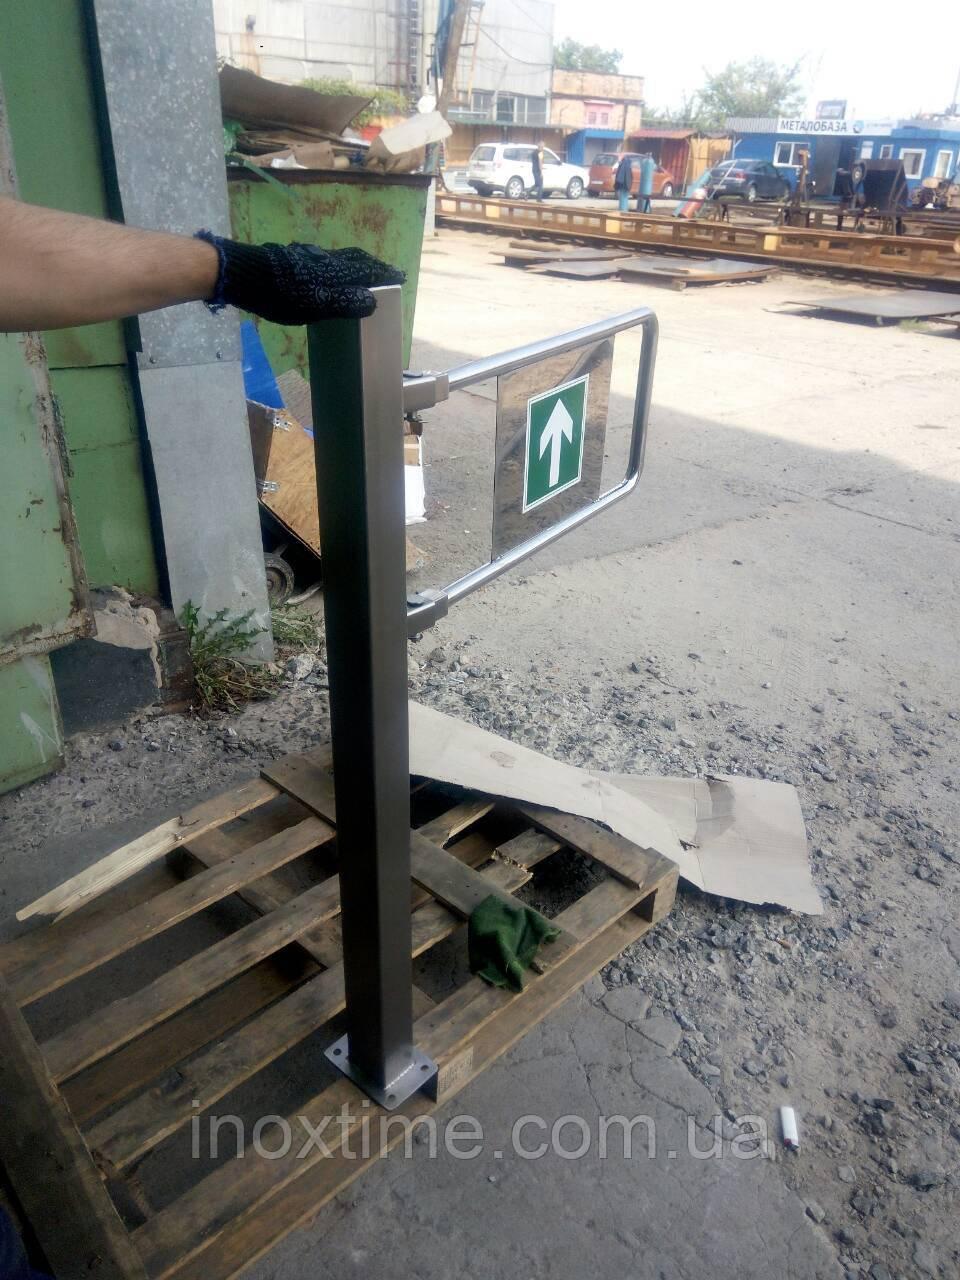 Механическая турникет-калитка из нержавеющей стали